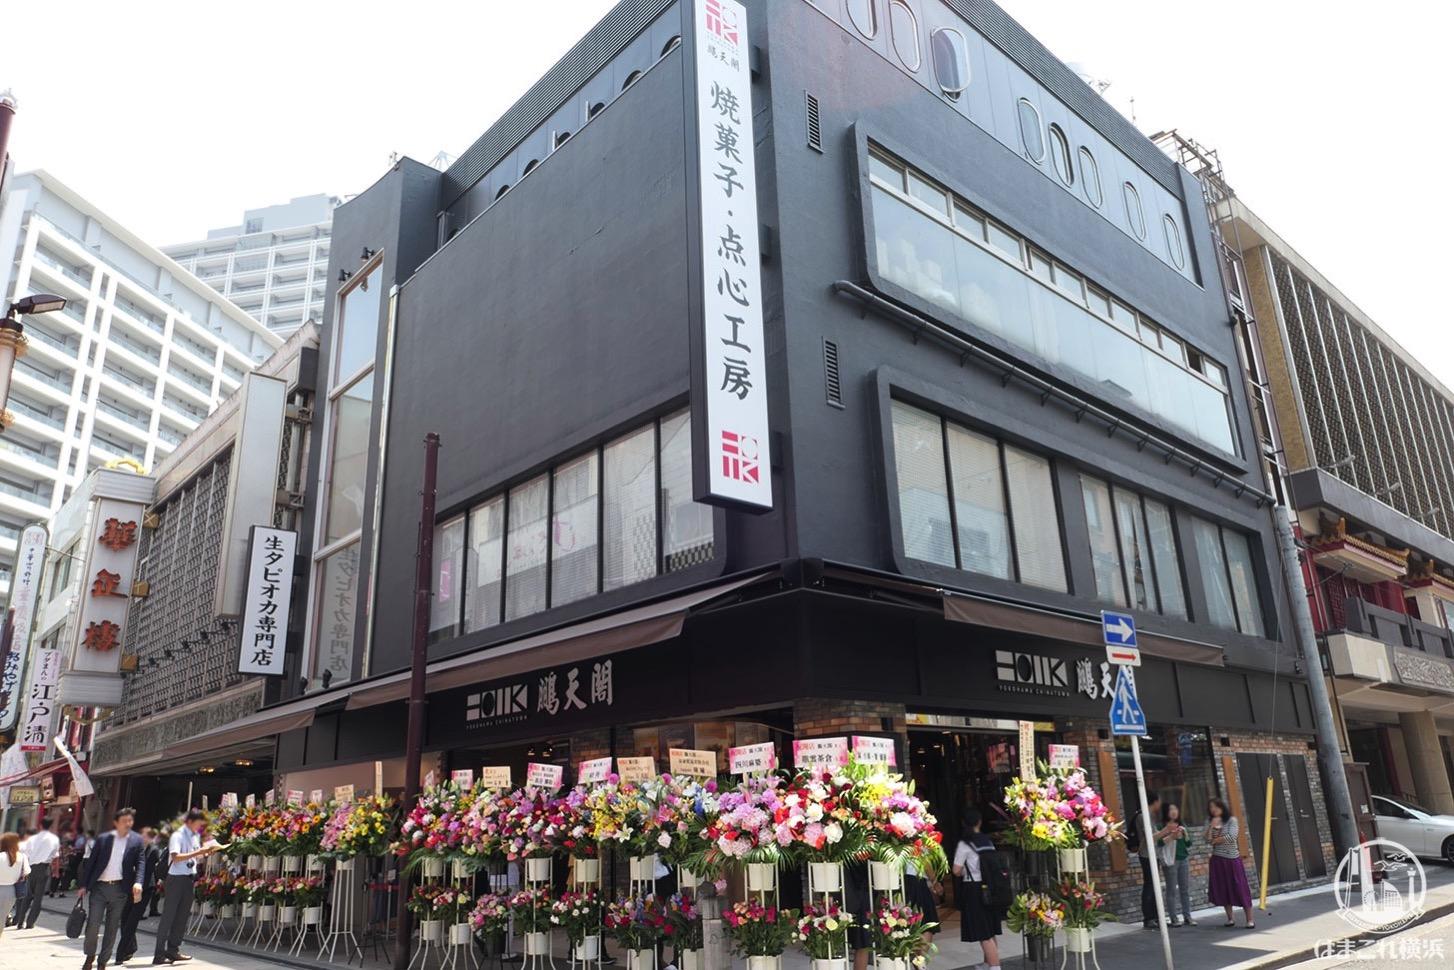 鵬天閣 生タピオカ専門店